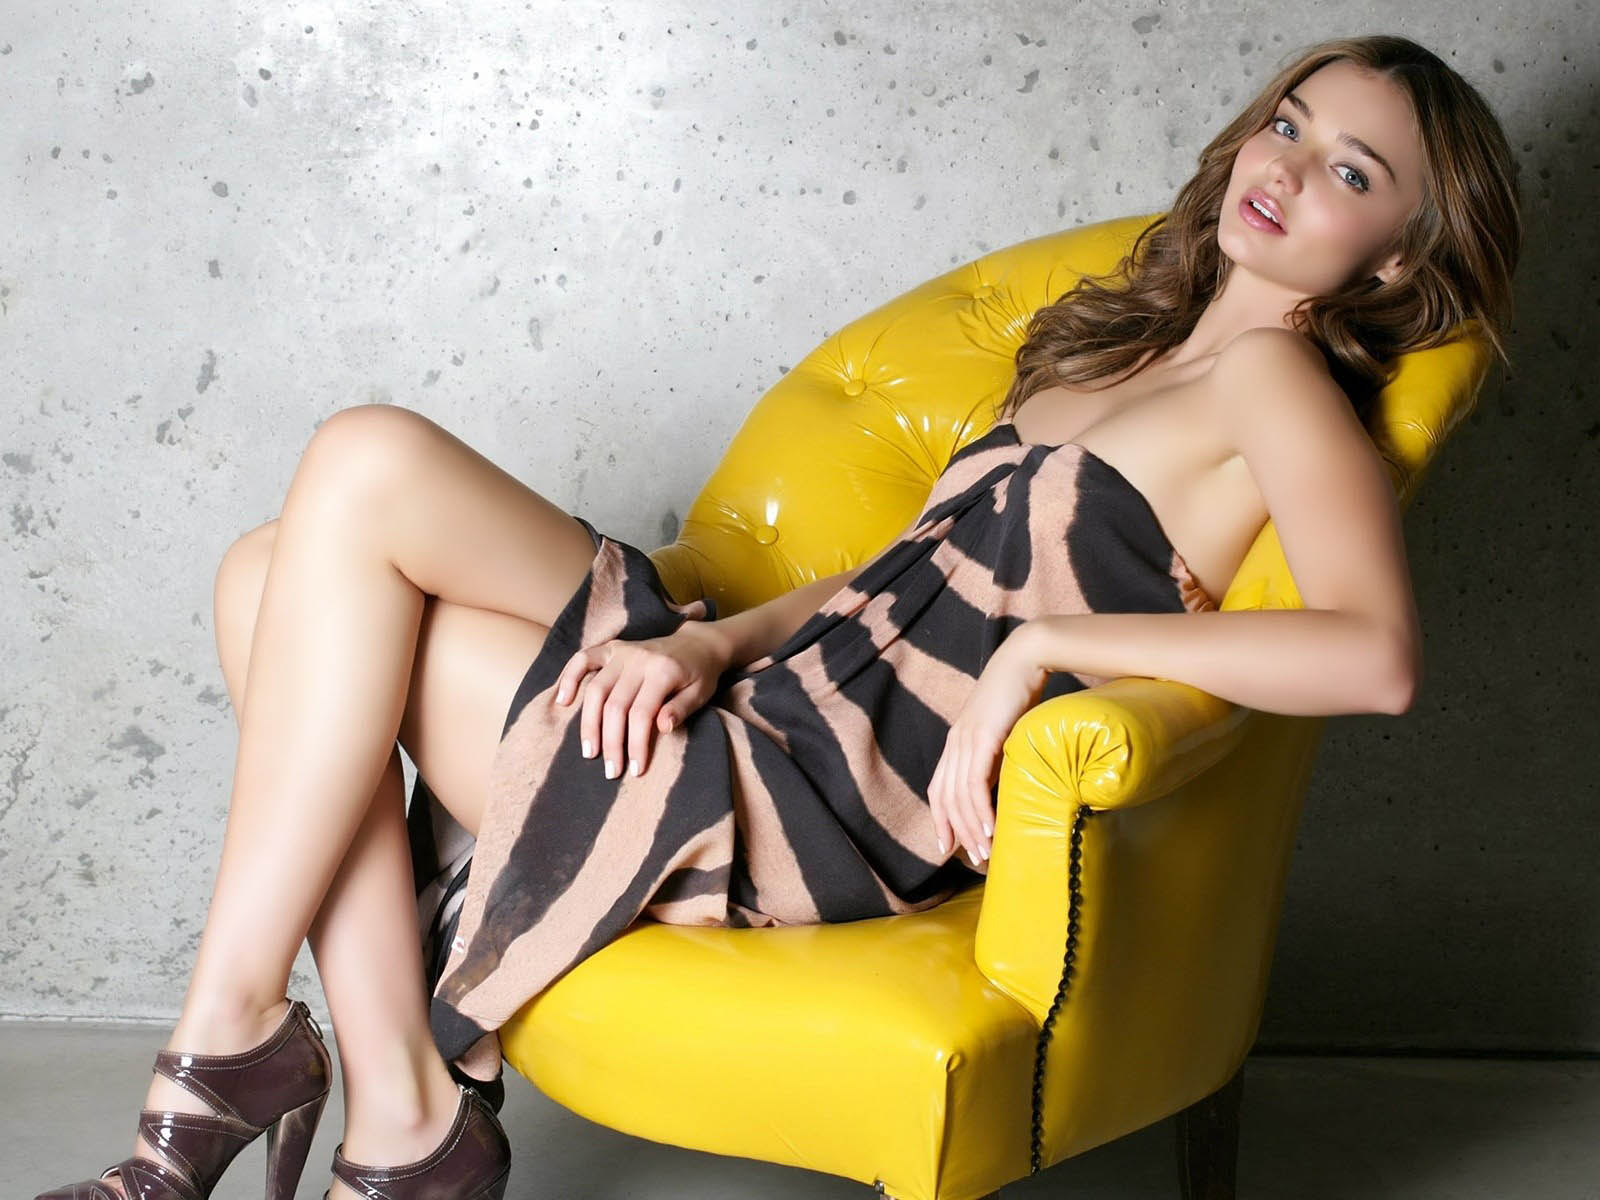 Сидящие девушки женщины фото 10 фотография